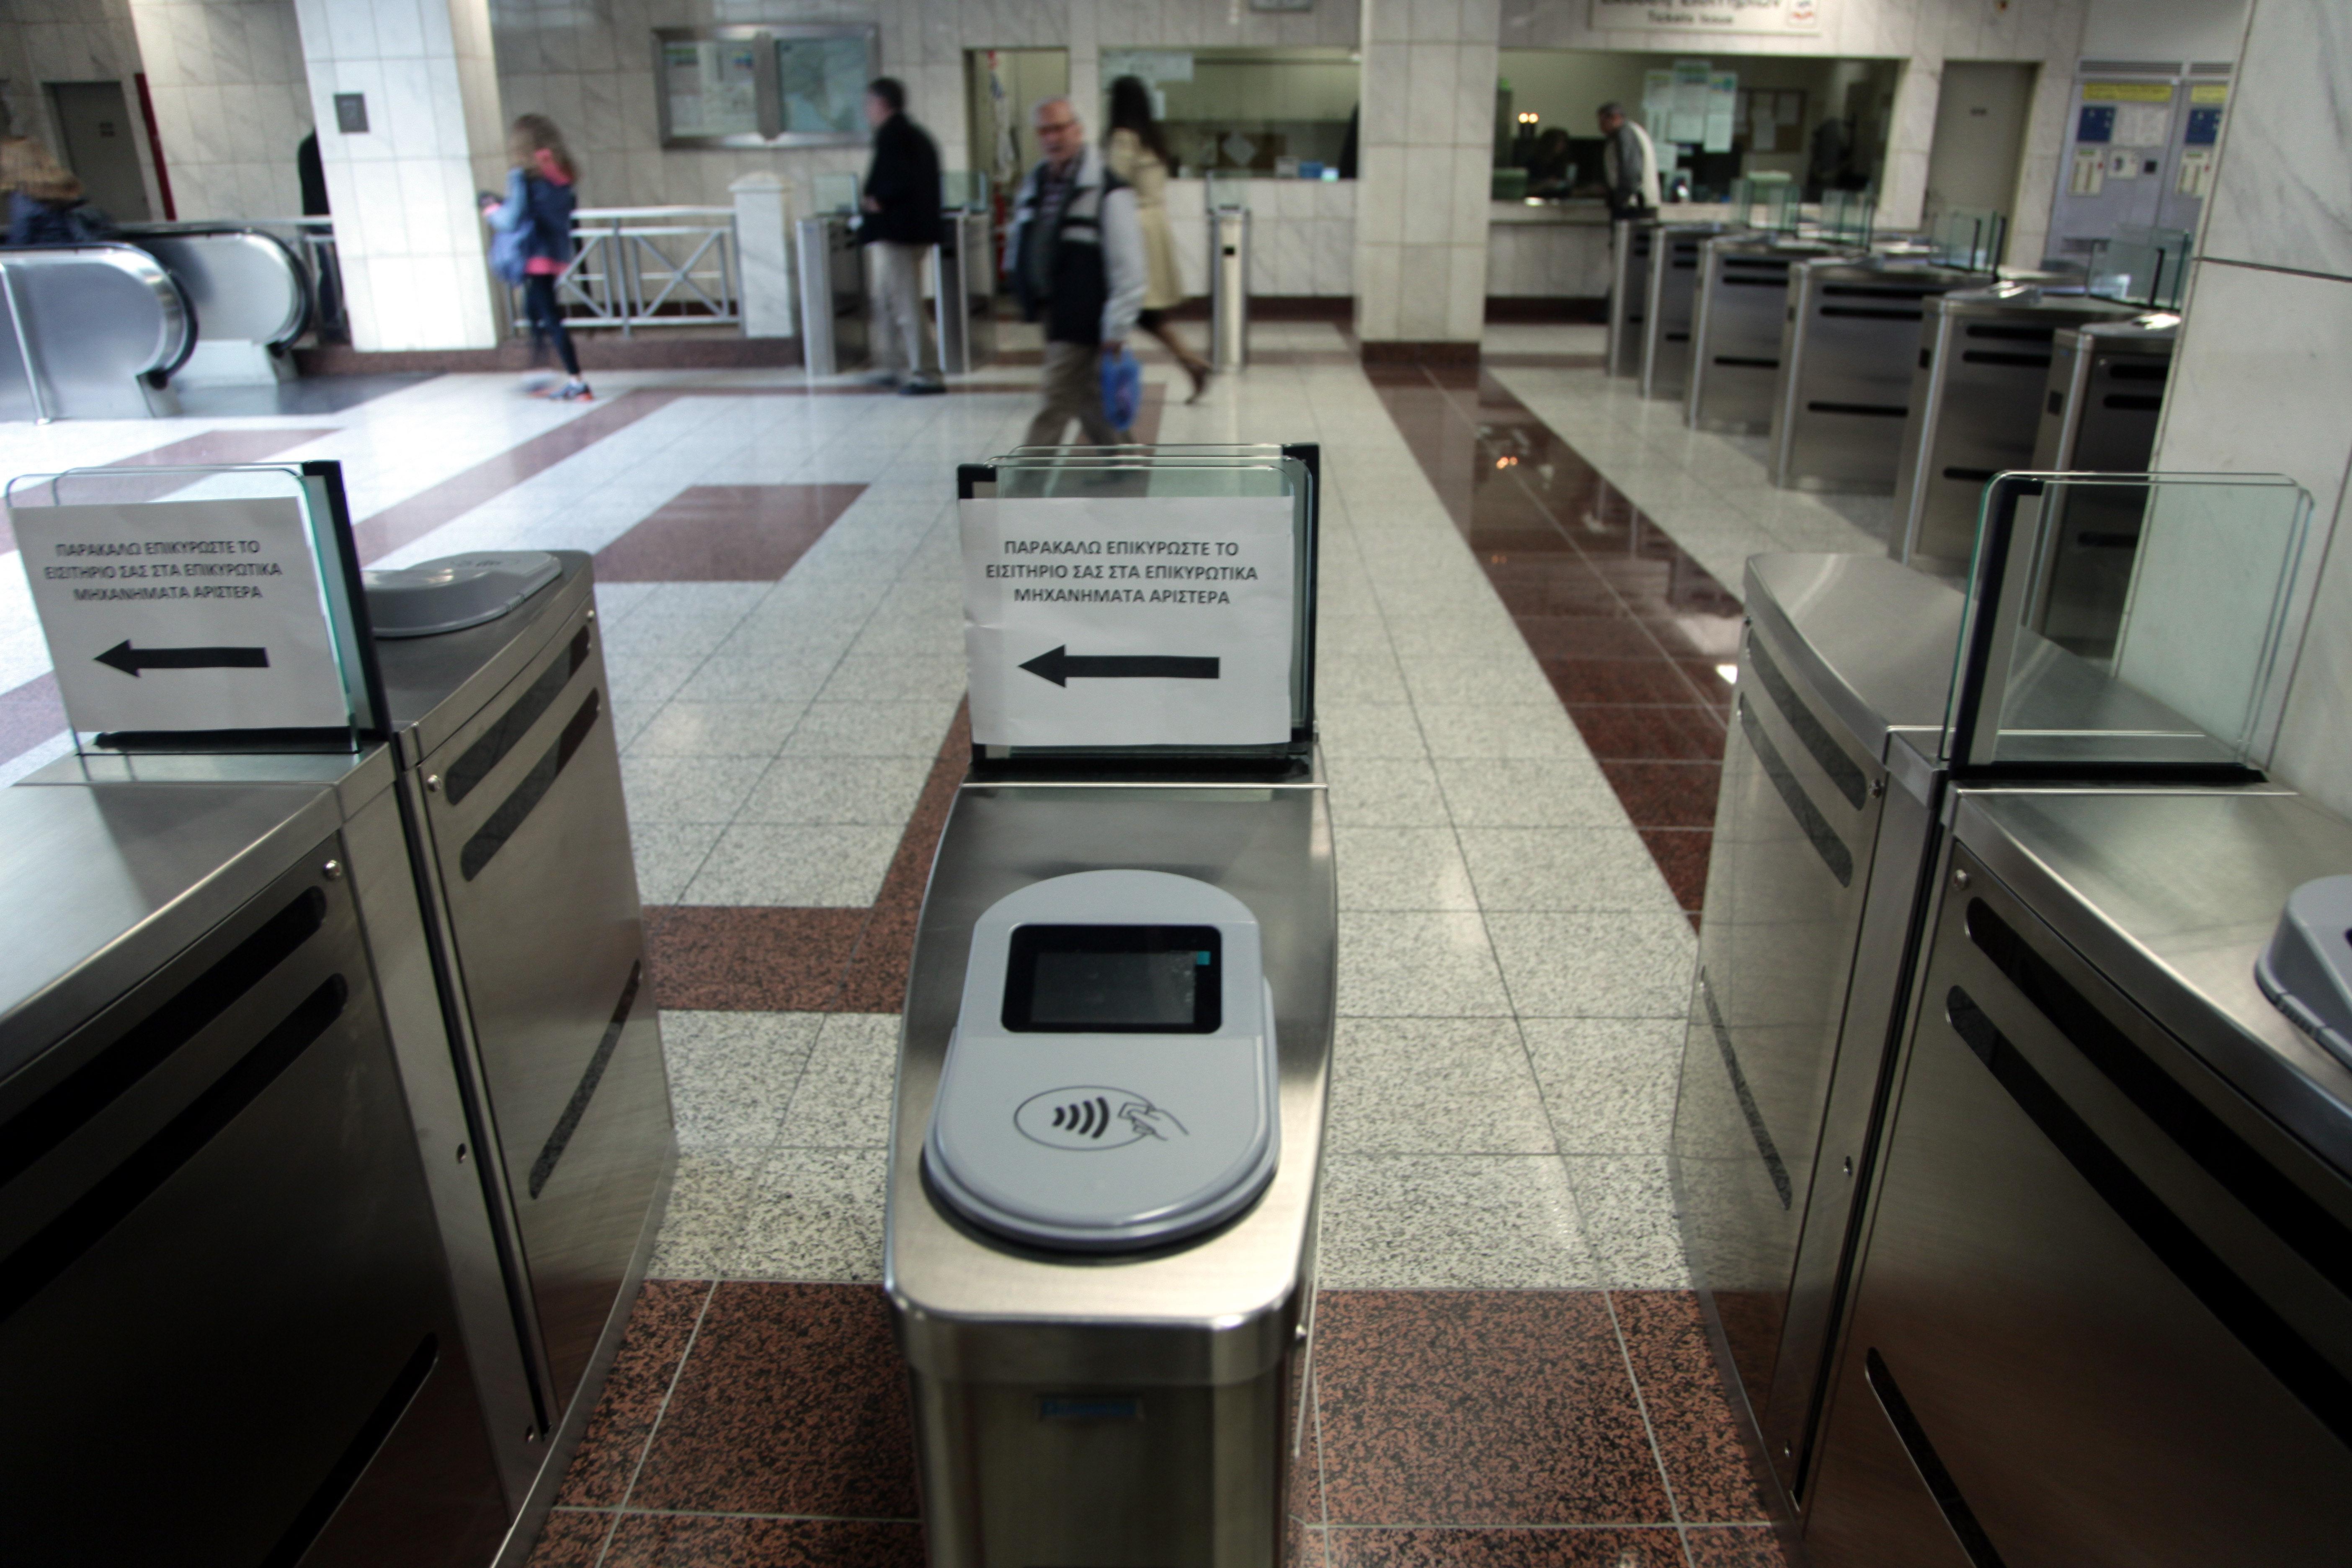 Ποιοι πέντε σταθμοί του Μετρό είναι κλειστοί το Σαββατοκύριακο | tovima.gr